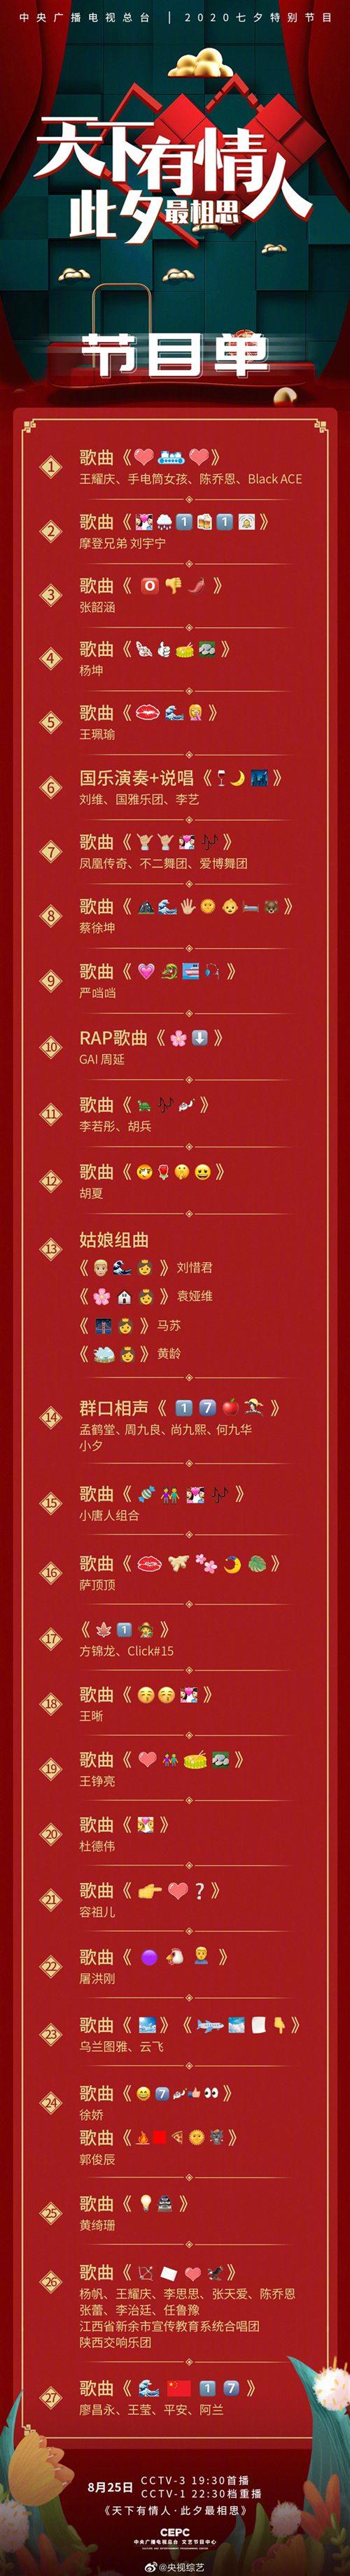 央视七夕晚会emoji节目单公布